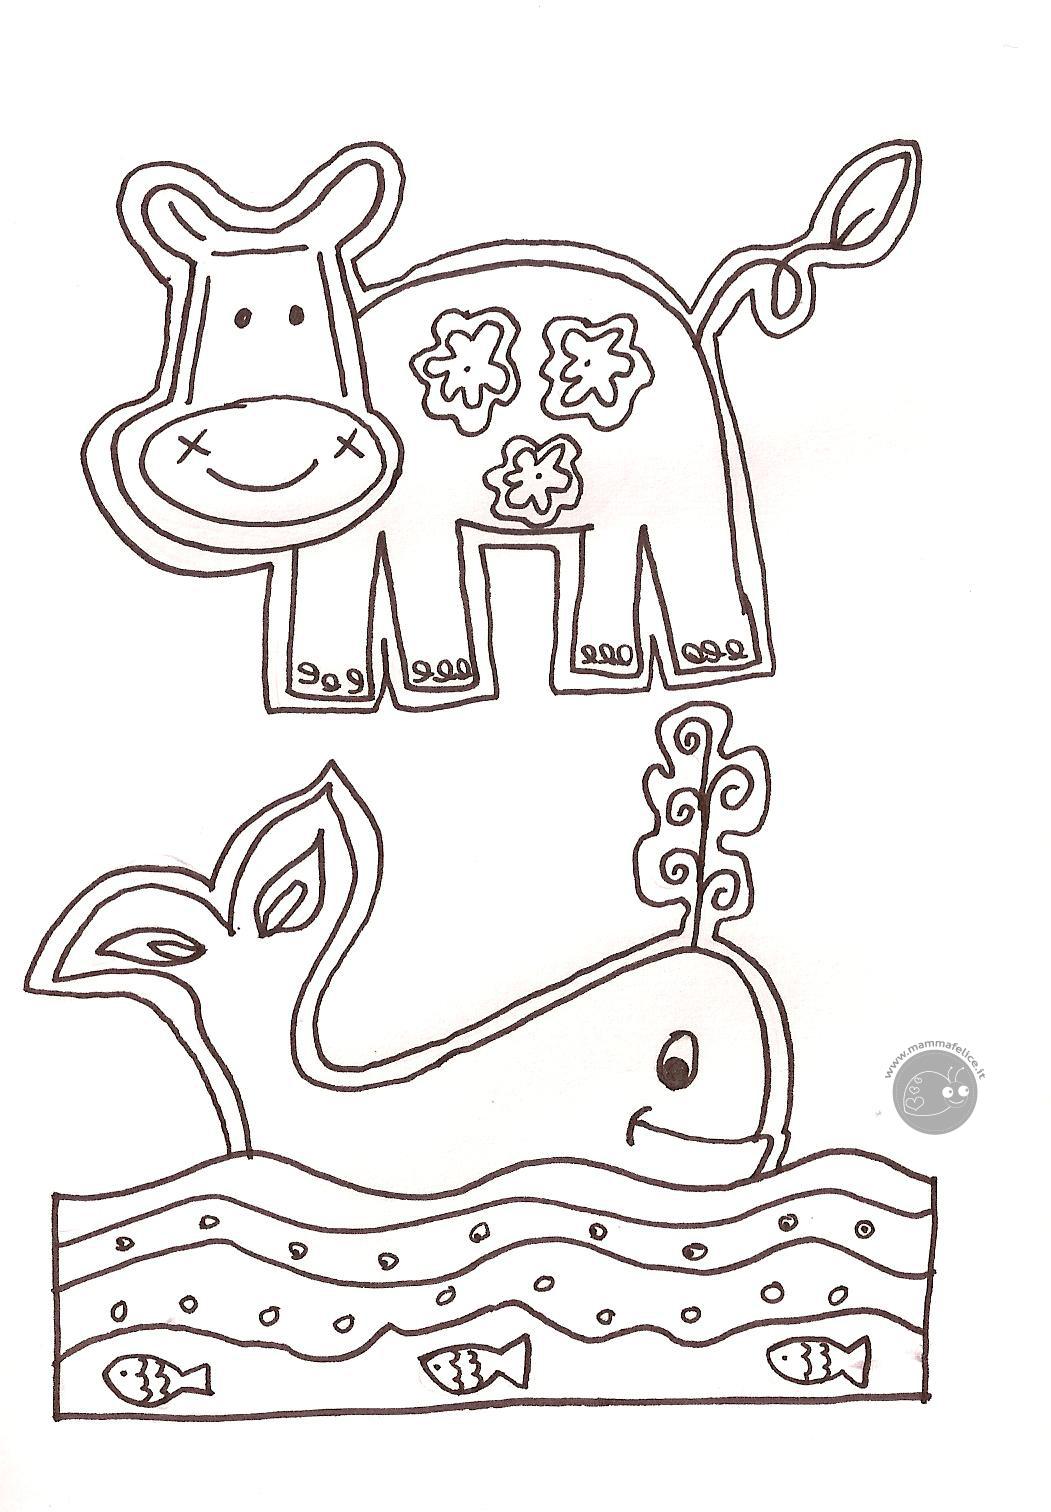 Disegno da colorare gratis bambini animali mamma felice for Disegni marini da colorare